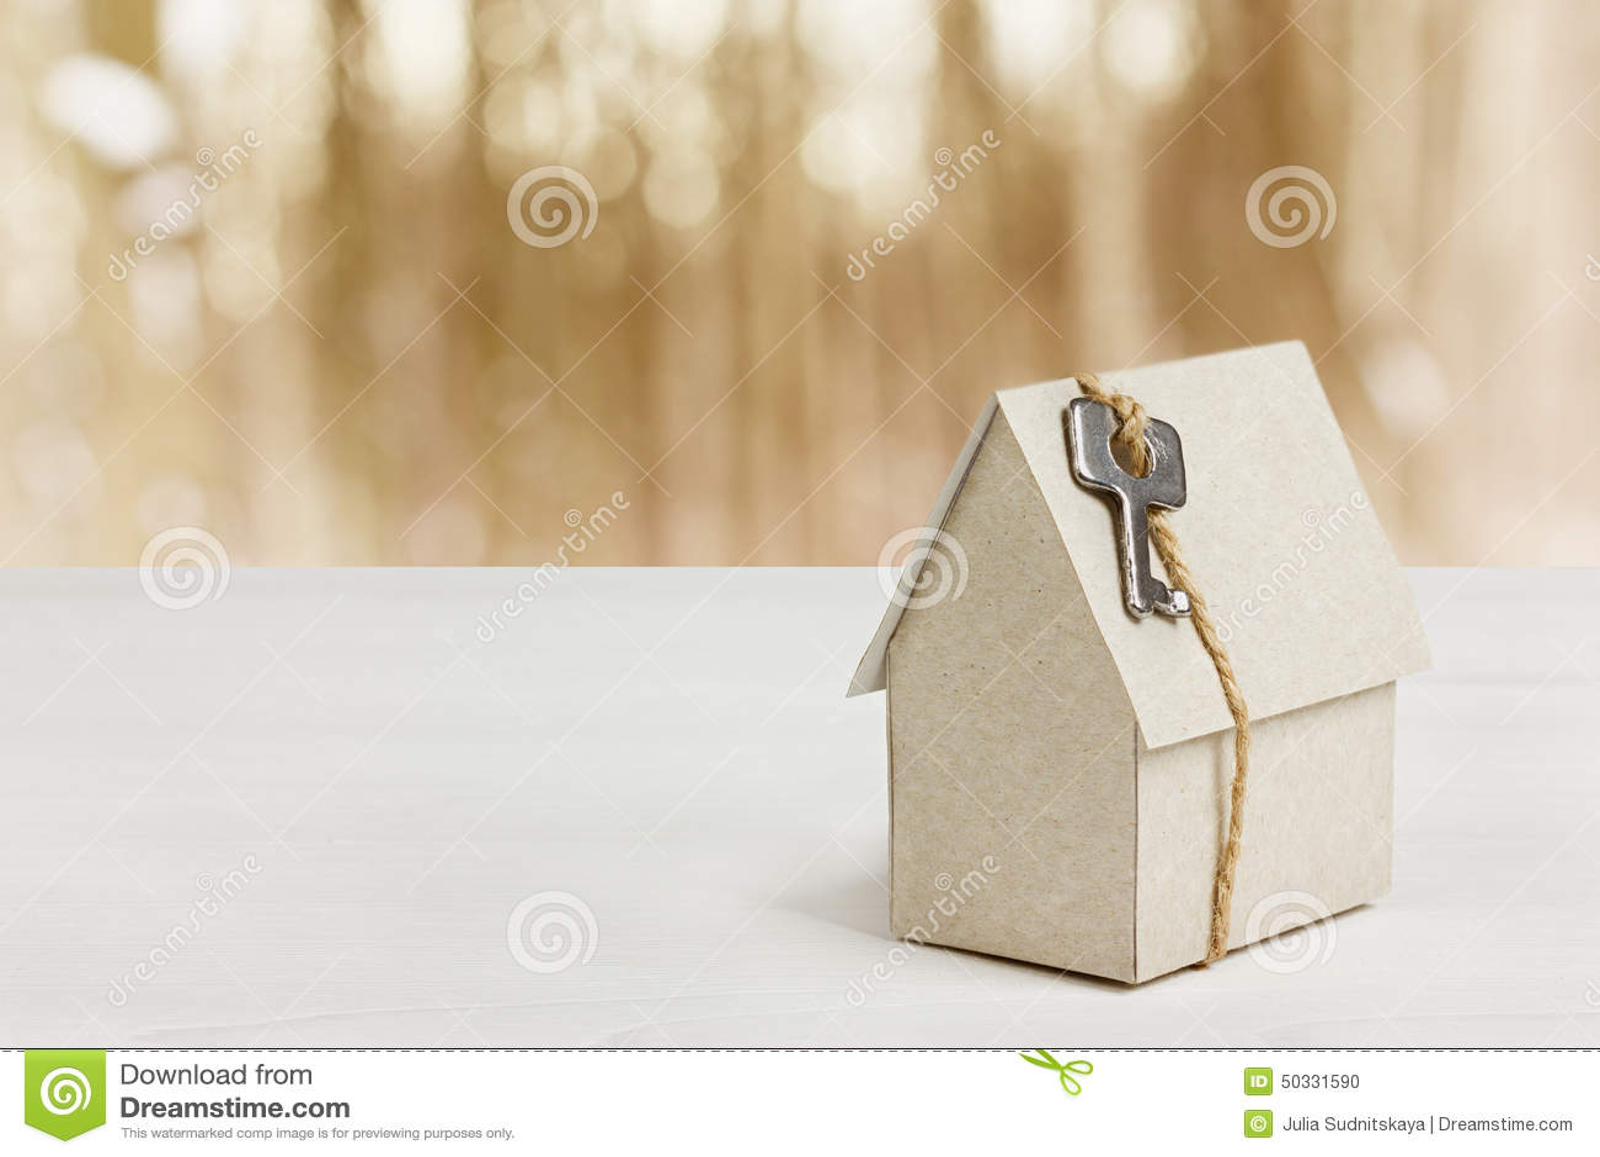 Modèle de maison de carton avec la clé sur le fond de bokeh construction de logements, prêt, immobiliers ou achat d une nouvelle